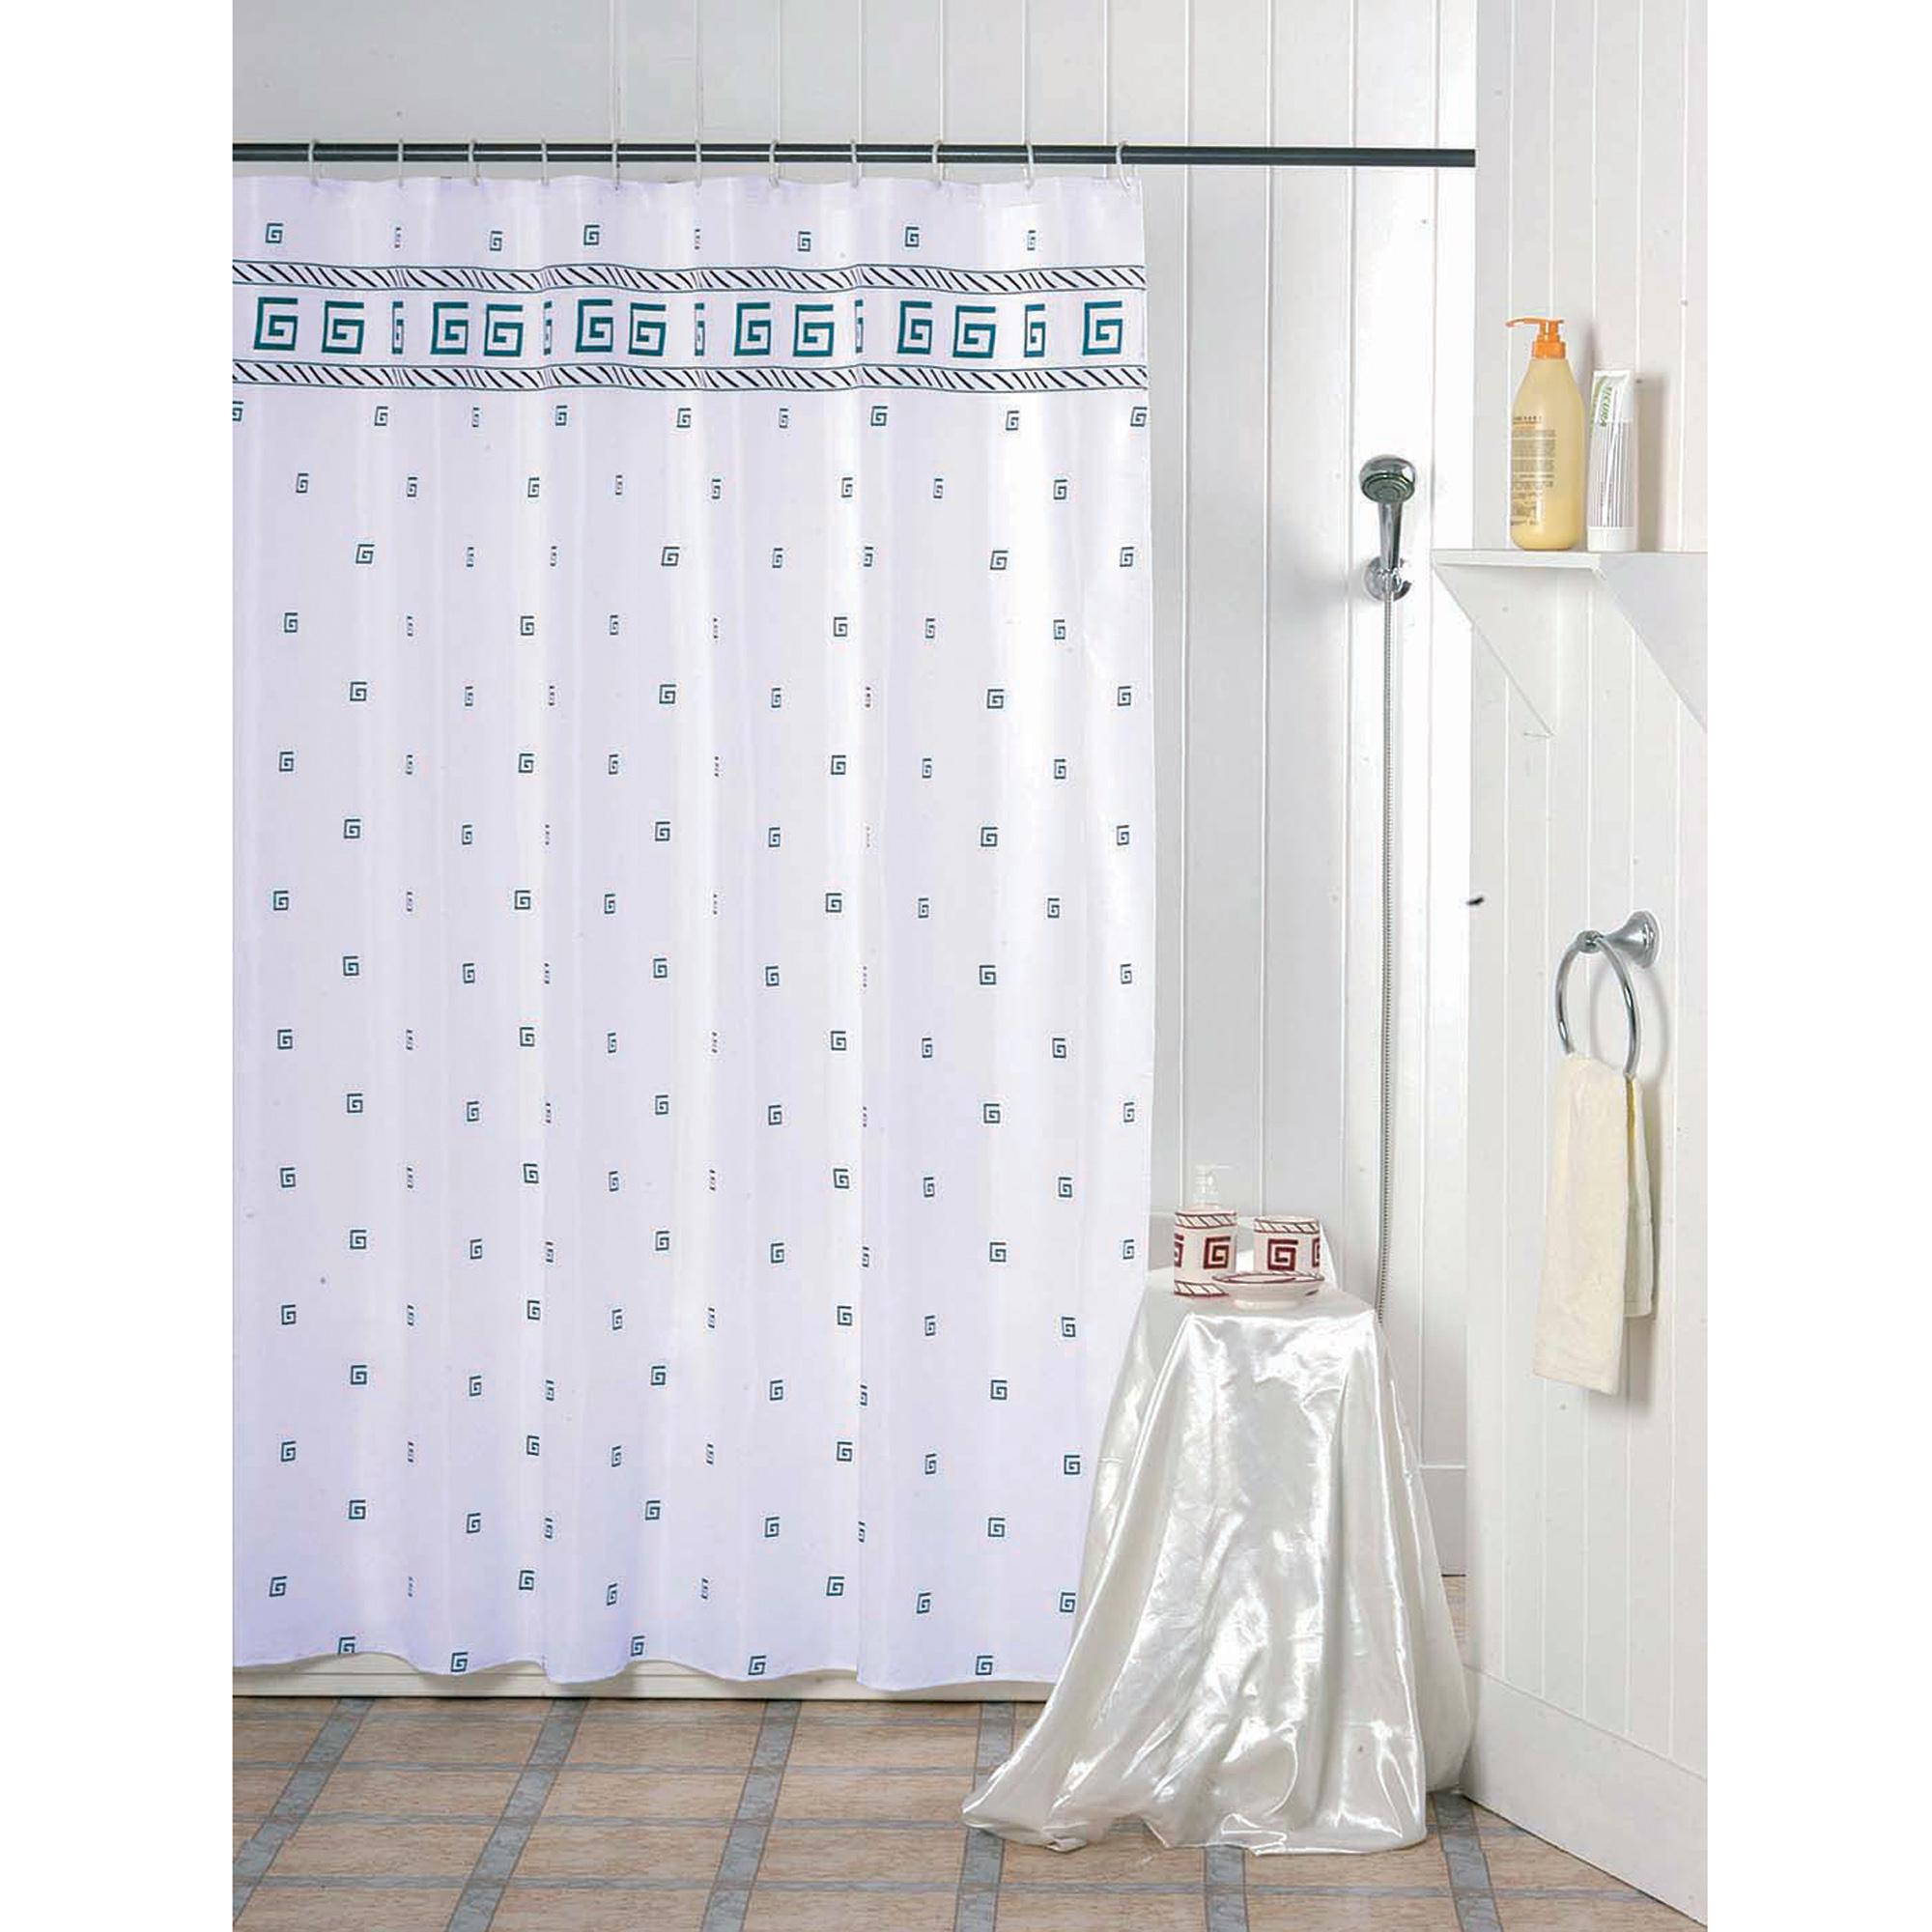 MSV Duschvorhang 180x200cm Anti Schimmel Textil Badewannenvorhang Wannenvorhang Spirale Blau/Weiß